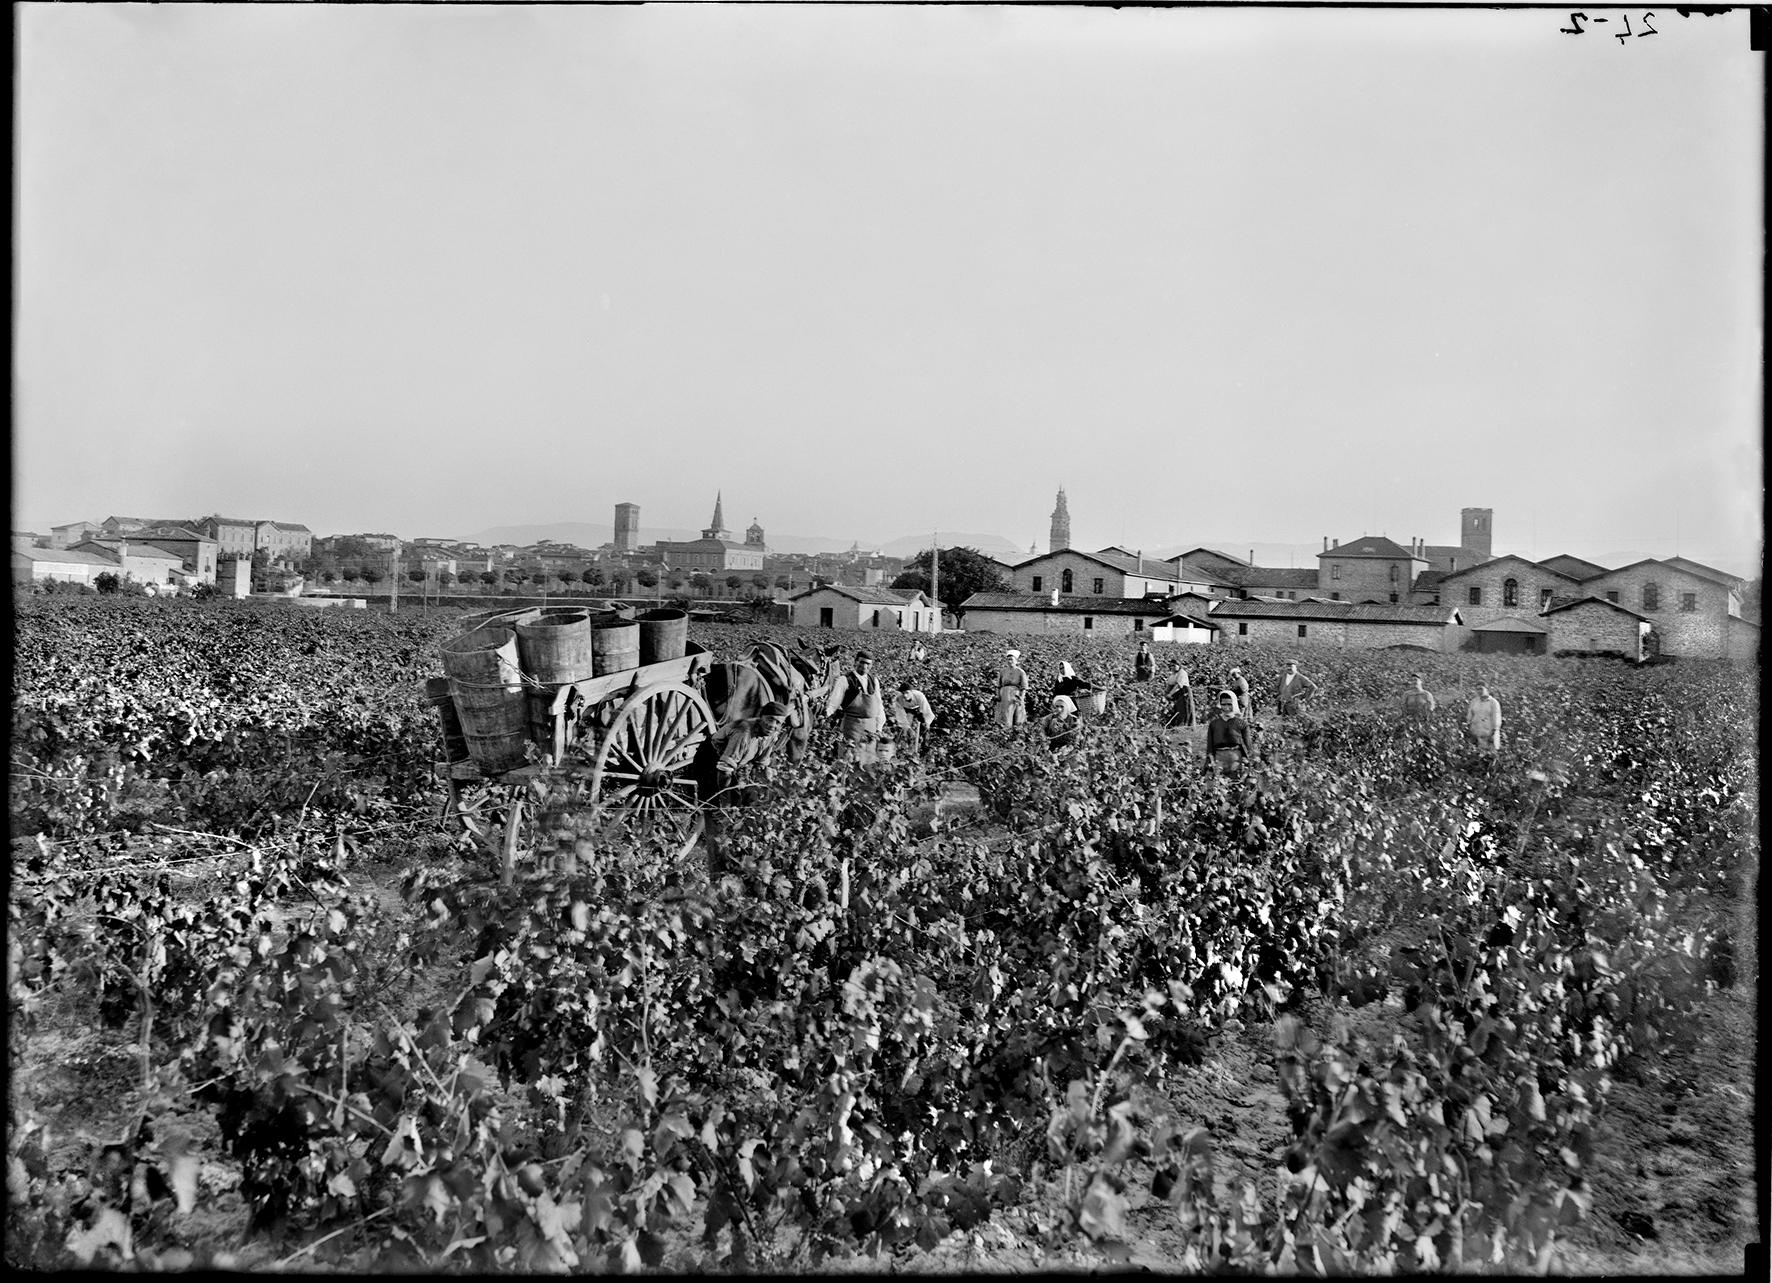 Qué pasaba en España hace 130 años, hacemos un recorrido al pasado a través de fotos antiguas